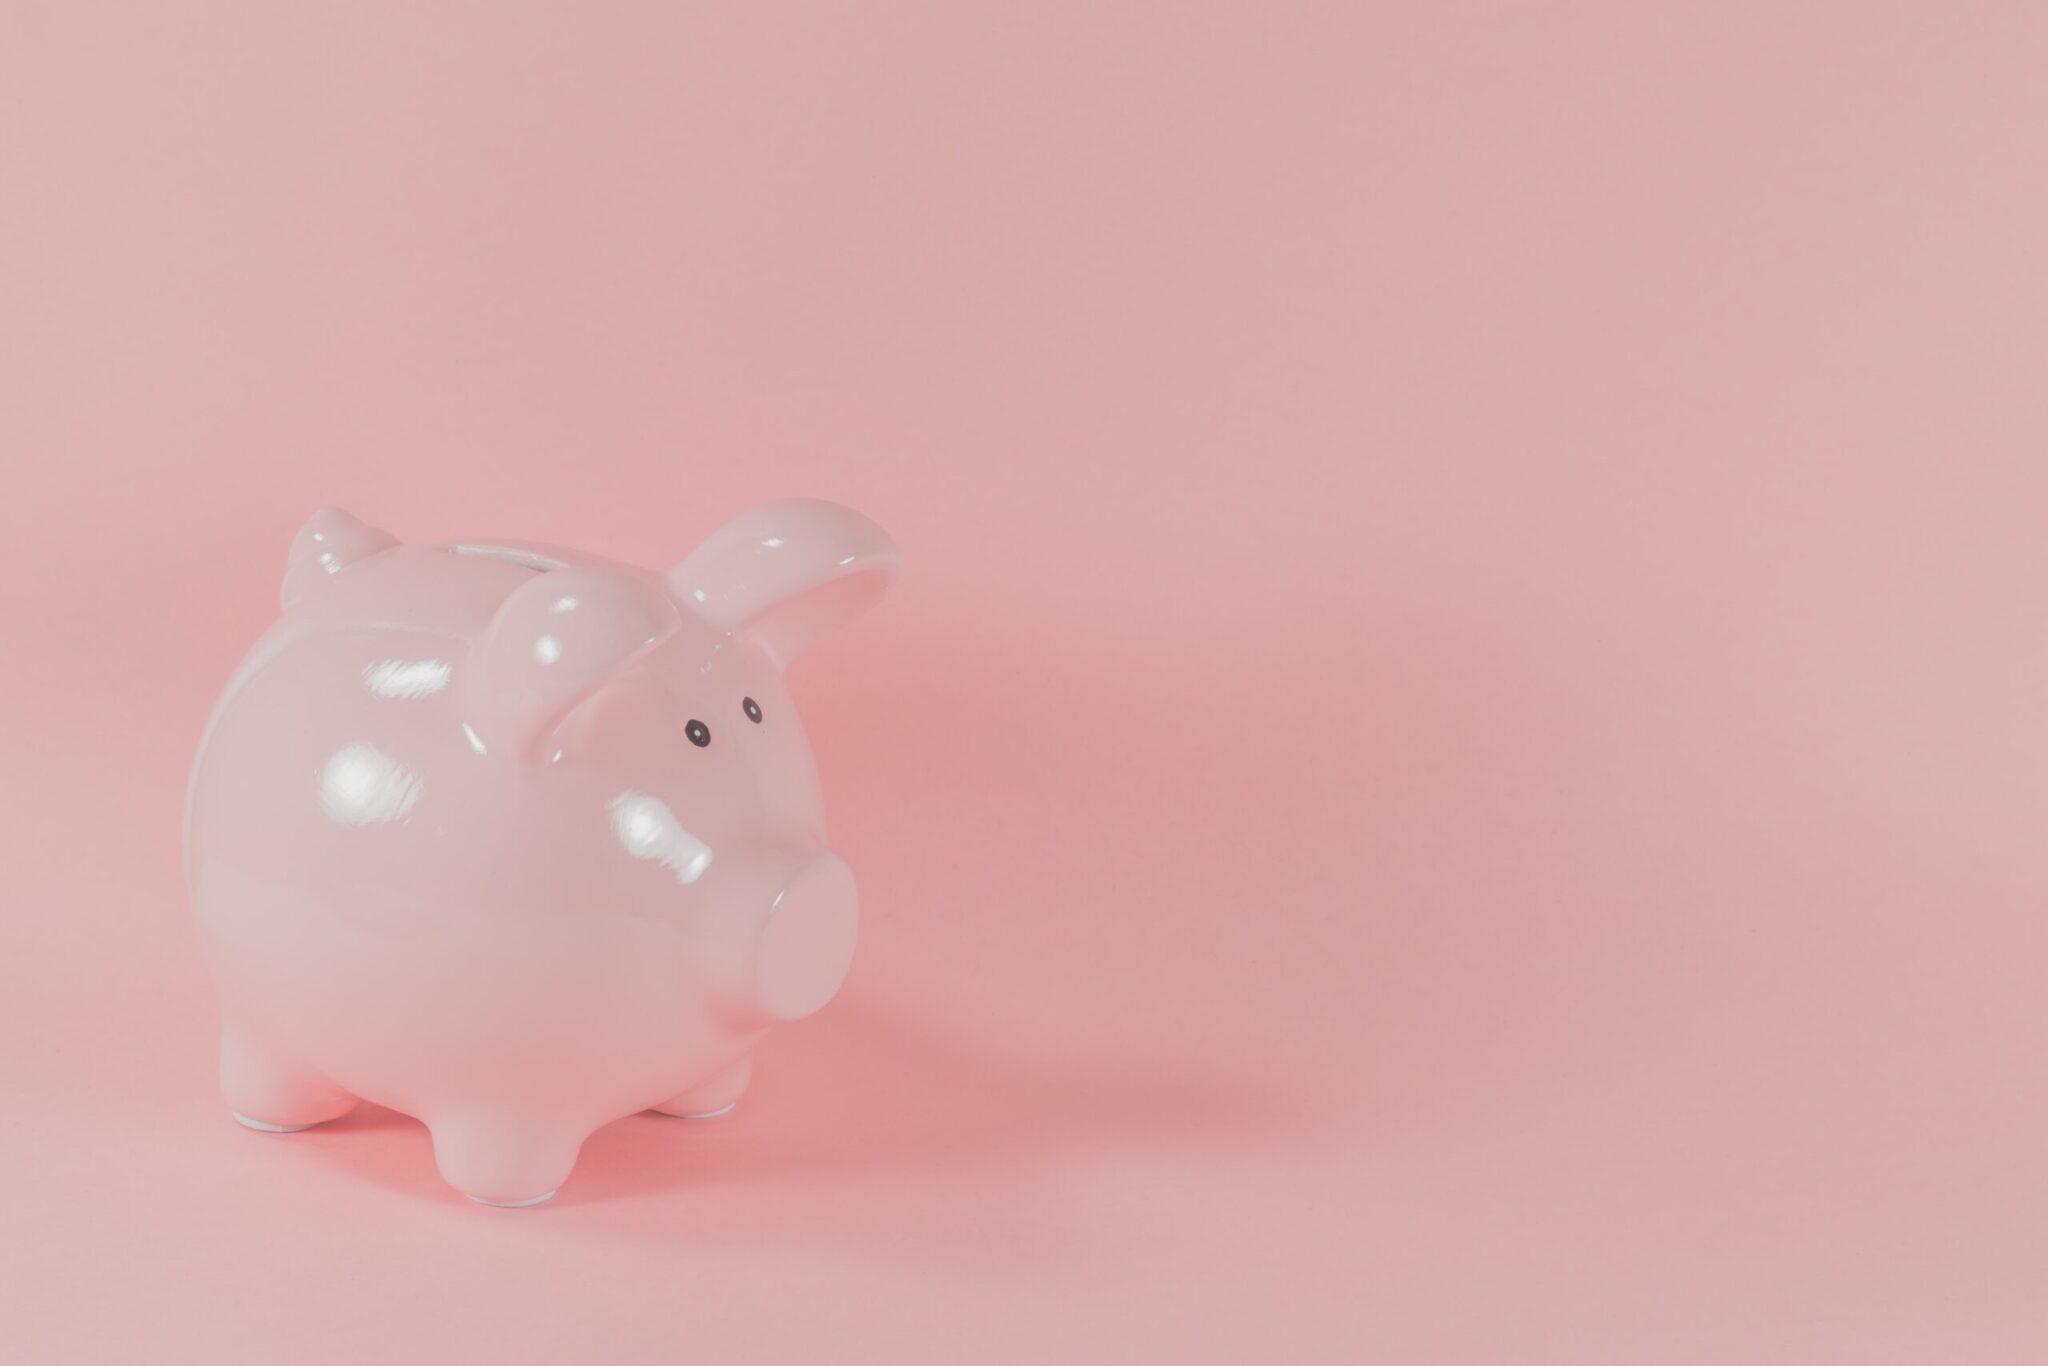 Cash back offer 2021 - Piggy Bank